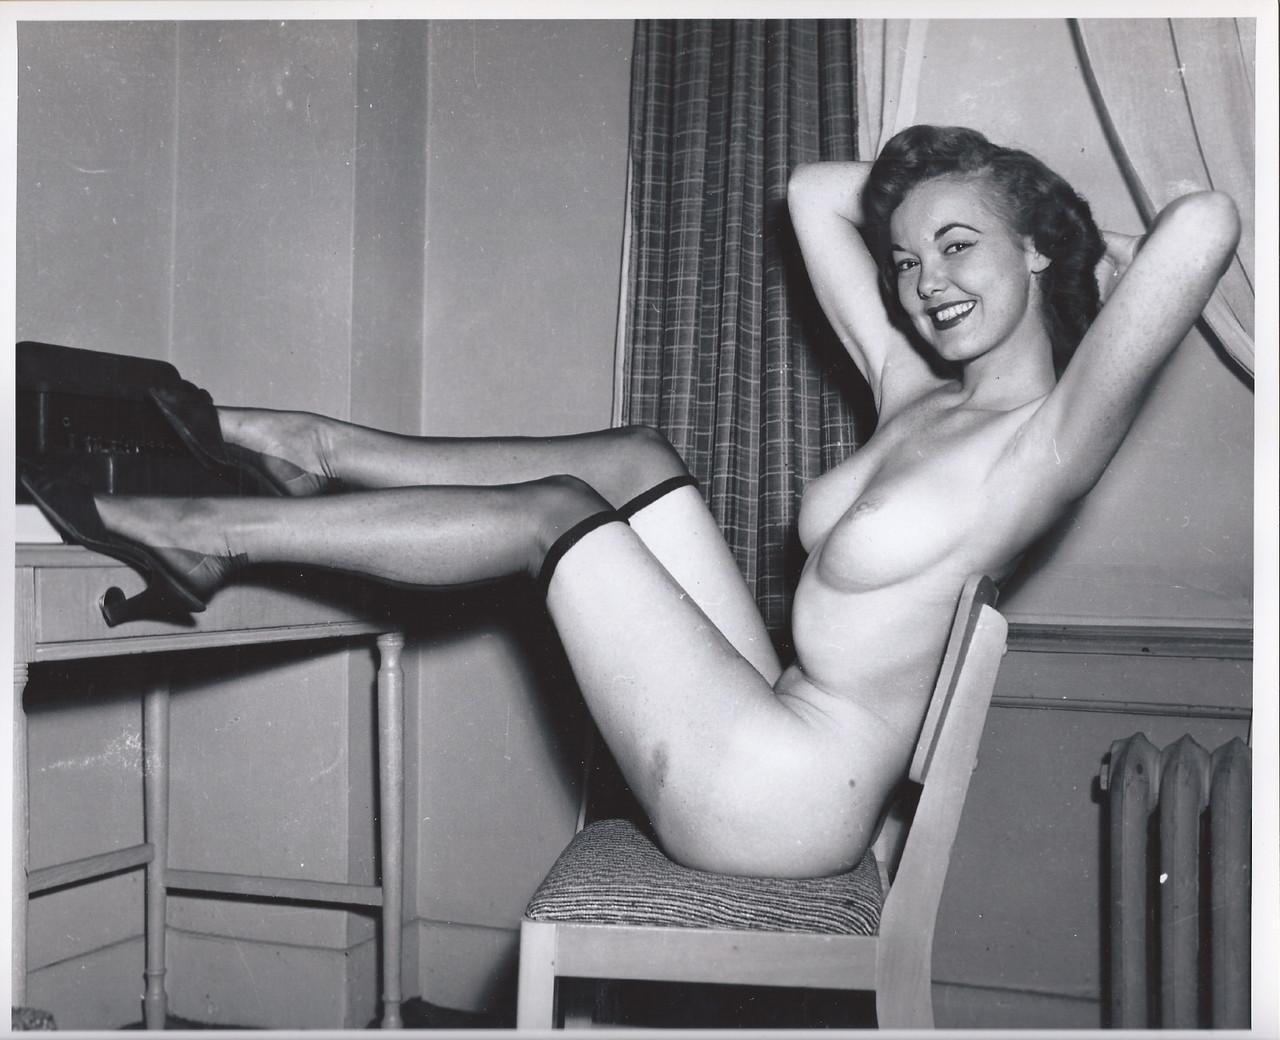 Bev francis nude